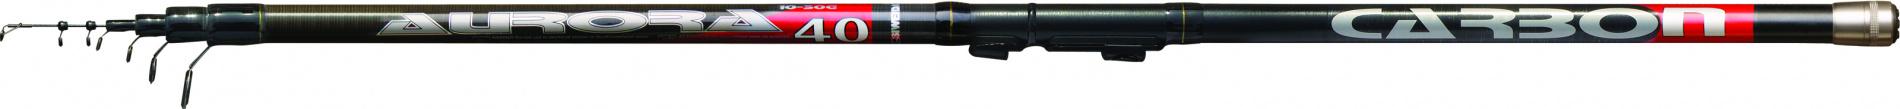 Удилище тел. SWD Aurora 4м с/к карбон IM8 (укороченное, Удилища поплавочные<br>Рейстайлинговая модель компактных телескопических <br>удилище для поплавочной ловли изготавливается <br>с этого сезона из карбона IM8. Основные характеристики <br>удилища: длина 4,0м (в сложенном состоянии <br>105см), количество секций - 5, вес - 200г, максимальный <br>вес оснастки - до 30г. Удилище оснащено облегченными <br>кольцами SIC, быстродействующим катушкодержателем <br>типа Clip Up, специальной вставкой из EVA для <br>предотвращения повреждения проводочных <br>колец при транспортировке и металлической <br>пробкой на комле. Предназначено для всех <br>видов поплавочной ловли и подойдет как <br>для начинающих, так и для опытных рыболовов.<br>